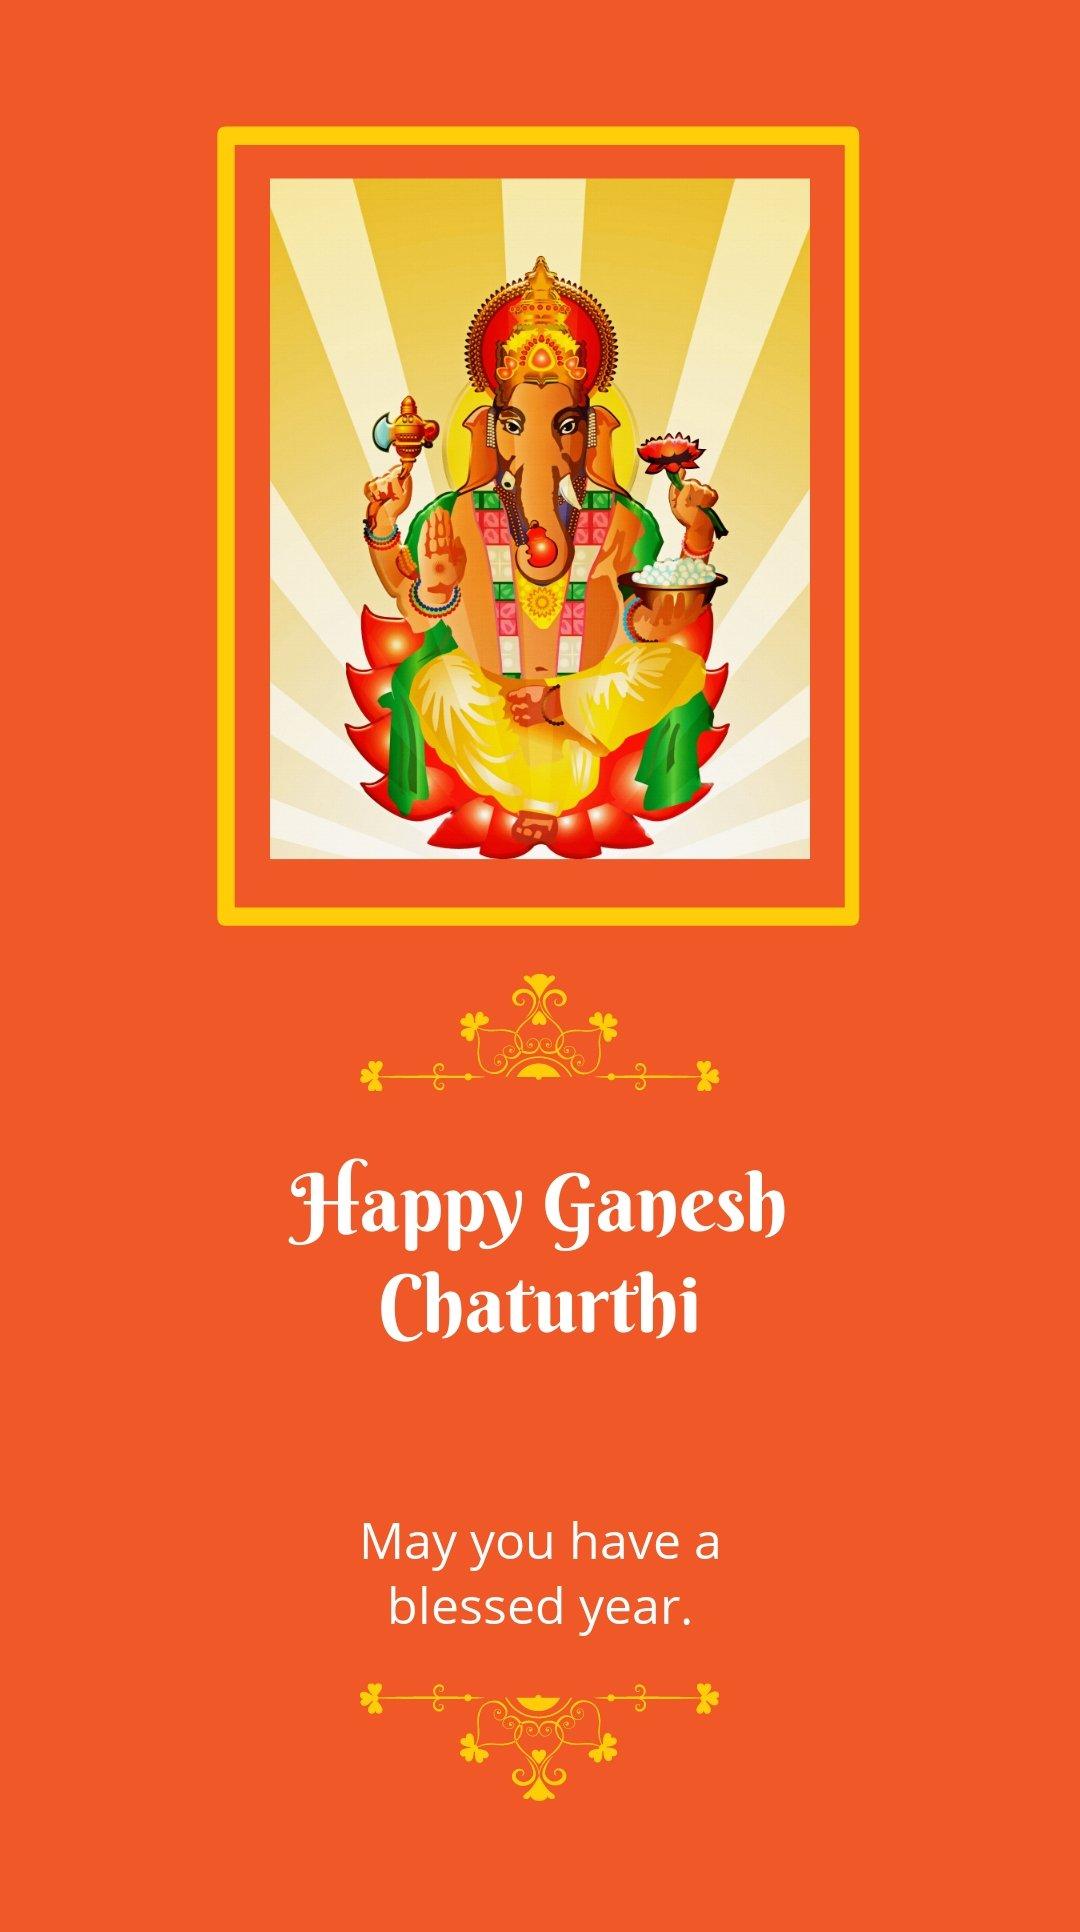 Happy Ganesh Chaturthi Whatsapp Post Template.jpe